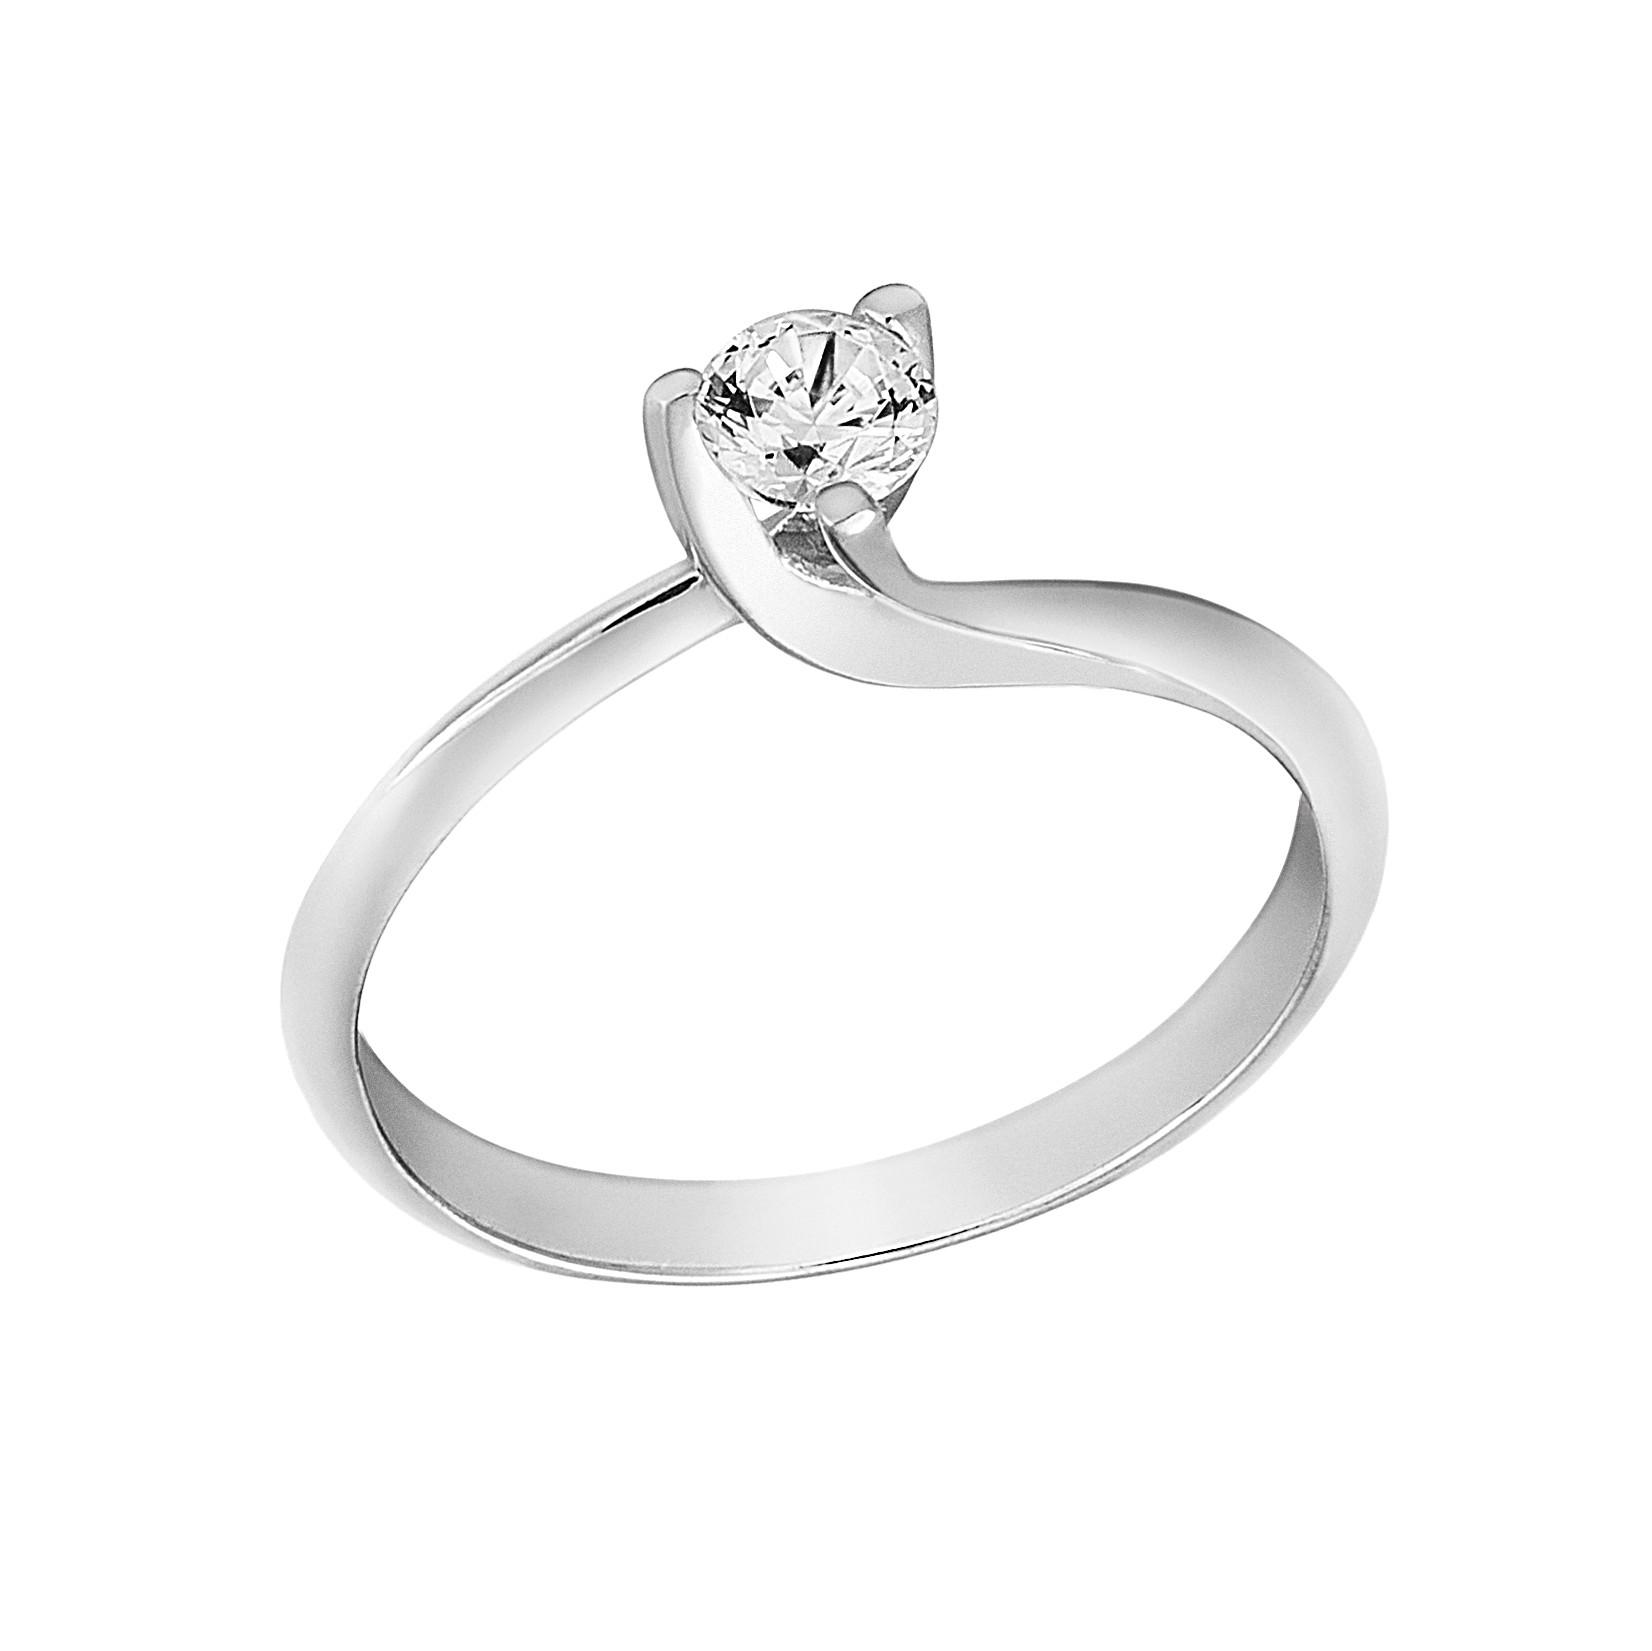 Δαχτυλίδι Μονόπετρο με Διαμάντι Λευκόχρυσος Κ18 - 13020